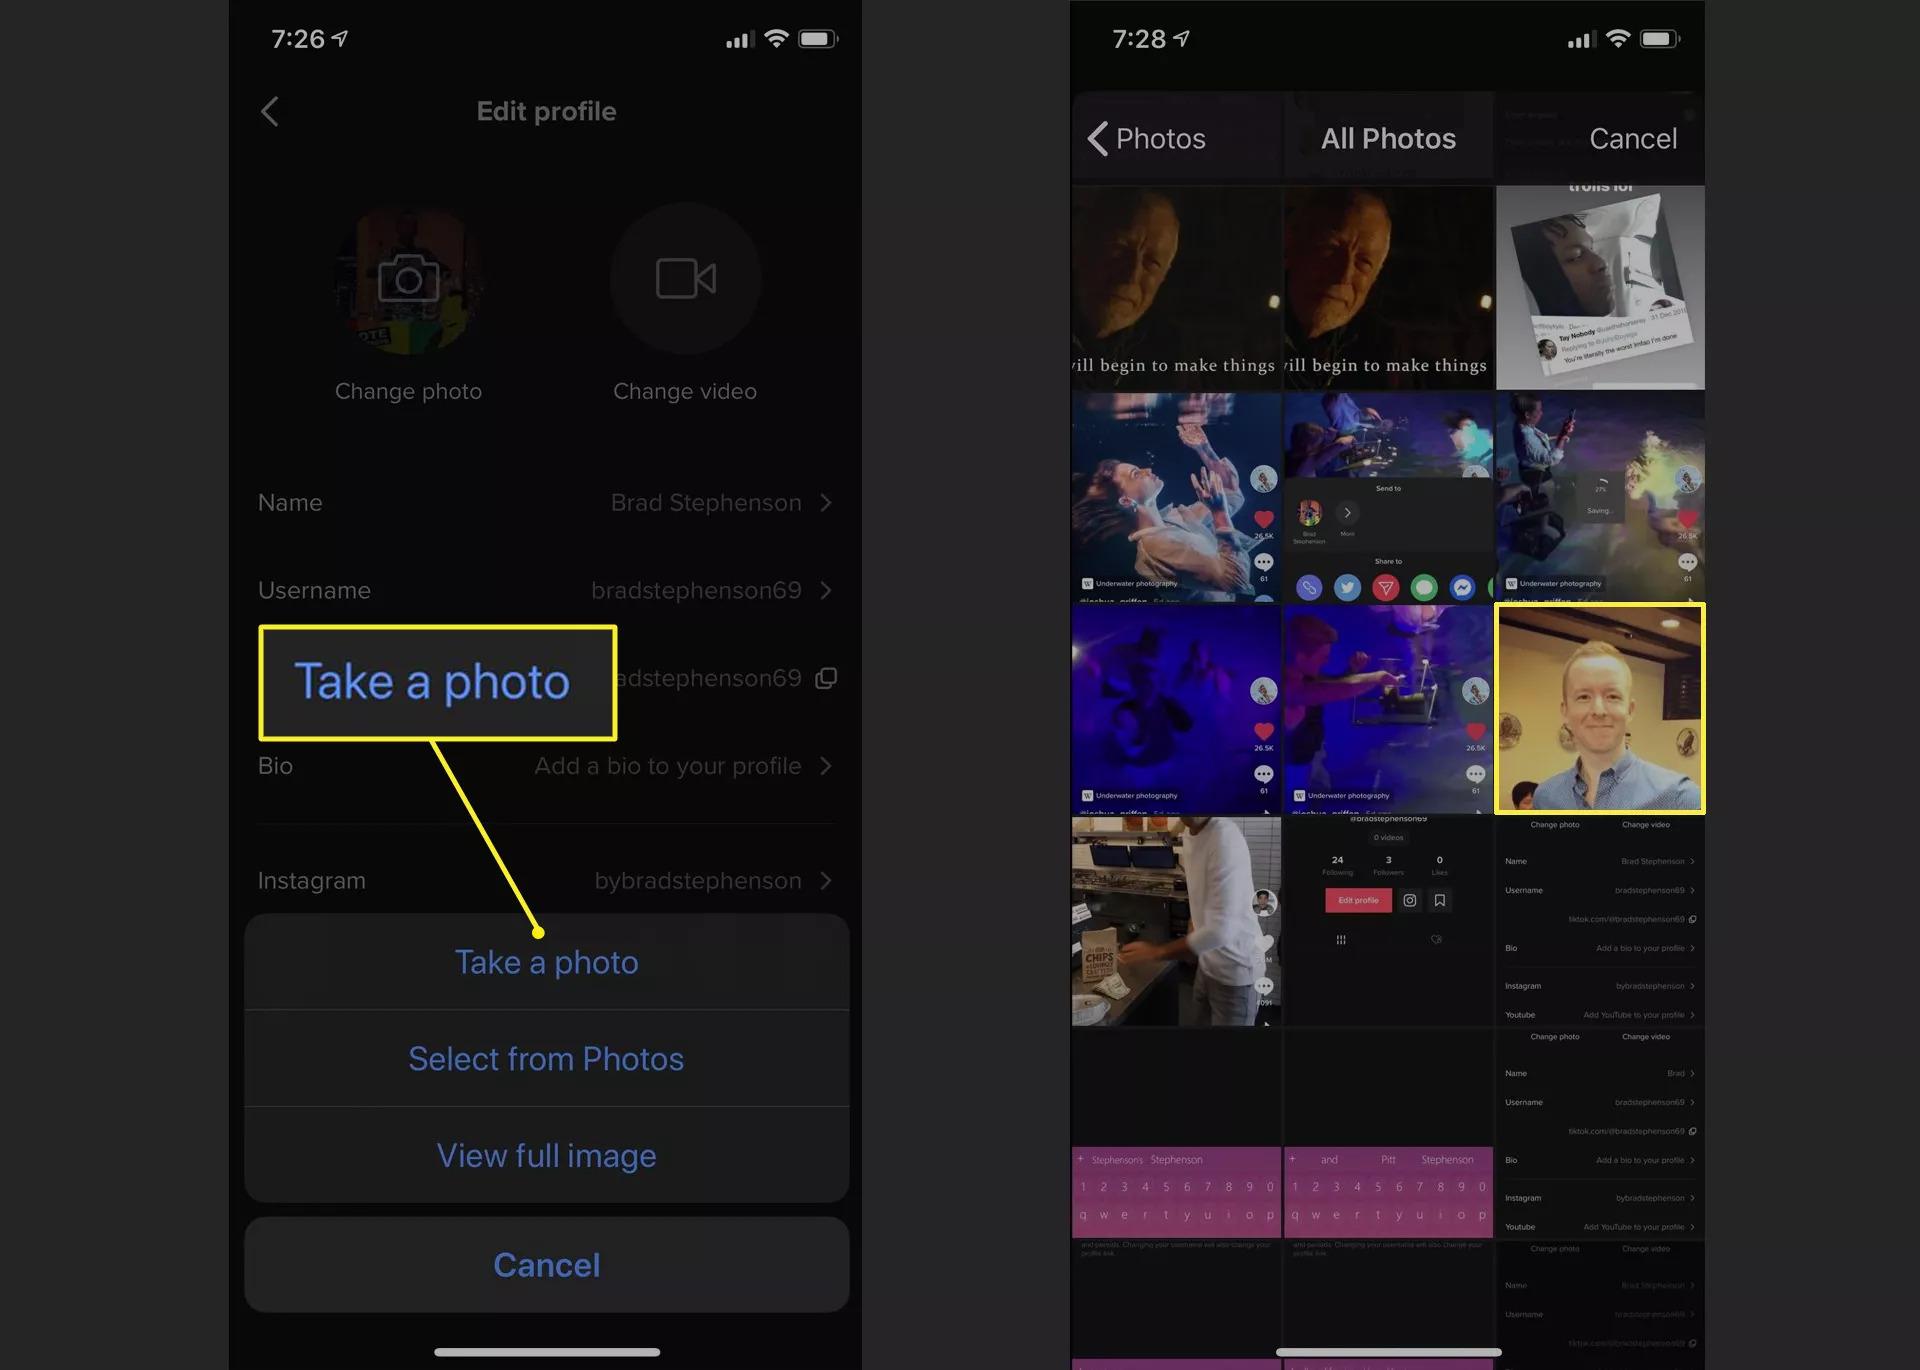 Cách thay đổi ảnh đại diện trên TikTok